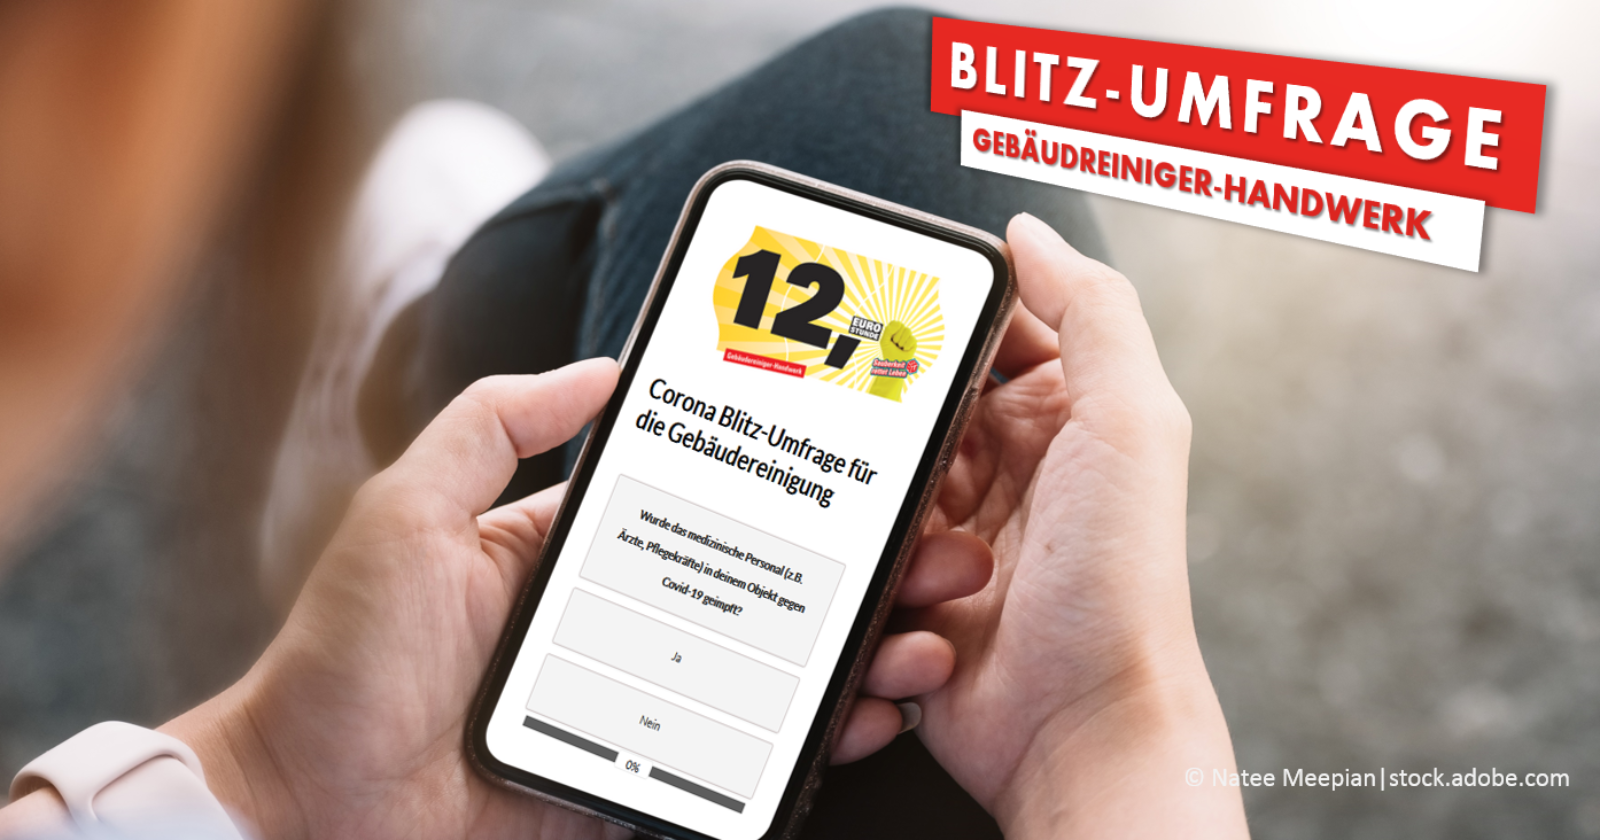 Corona Blitz-Umfrage für Beschäftigte in der Gebäudereinigung